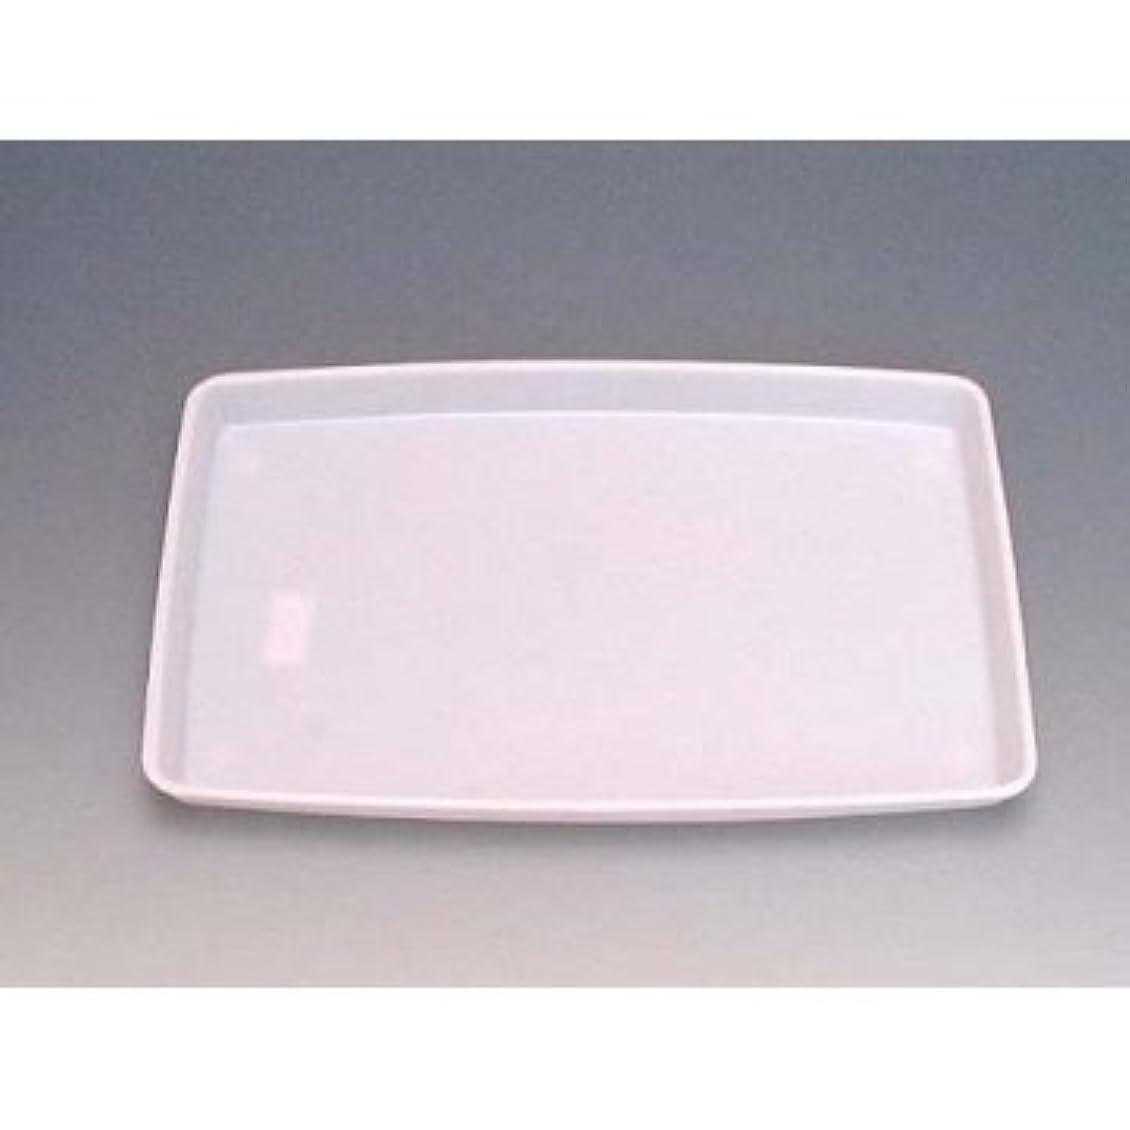 入札協定沿って米正 エバーメイト われない台皿 カラーホワイト